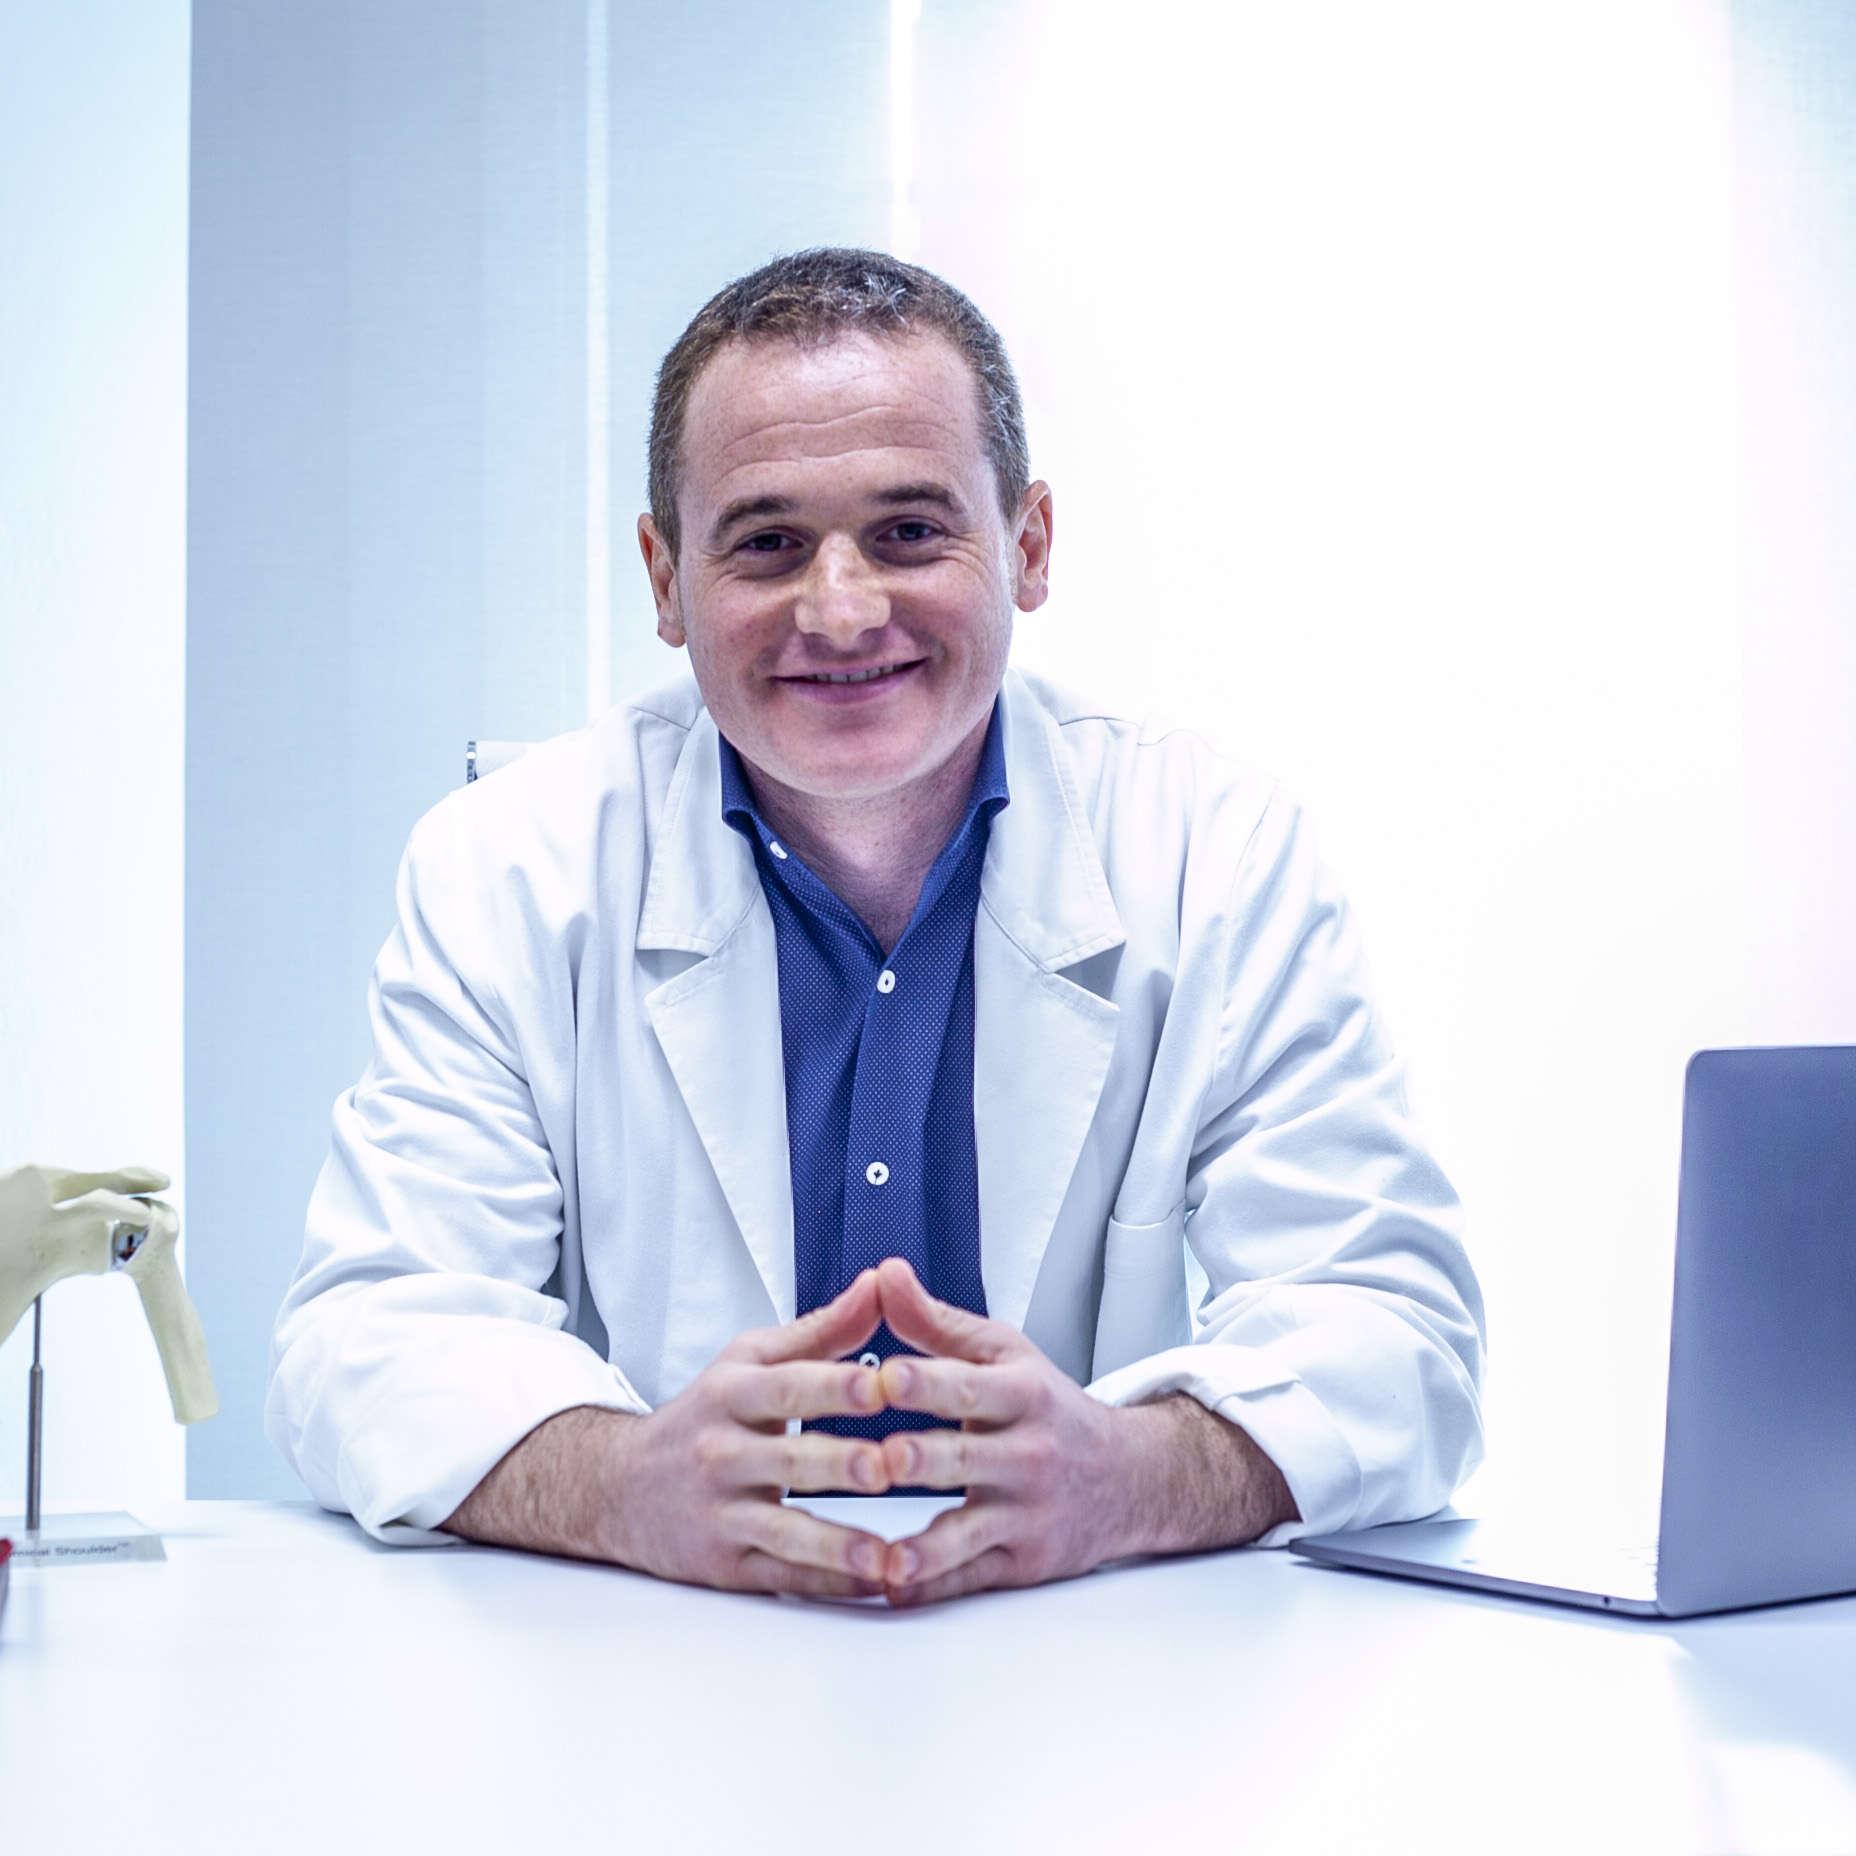 Chi sono - Ortopedico Visona